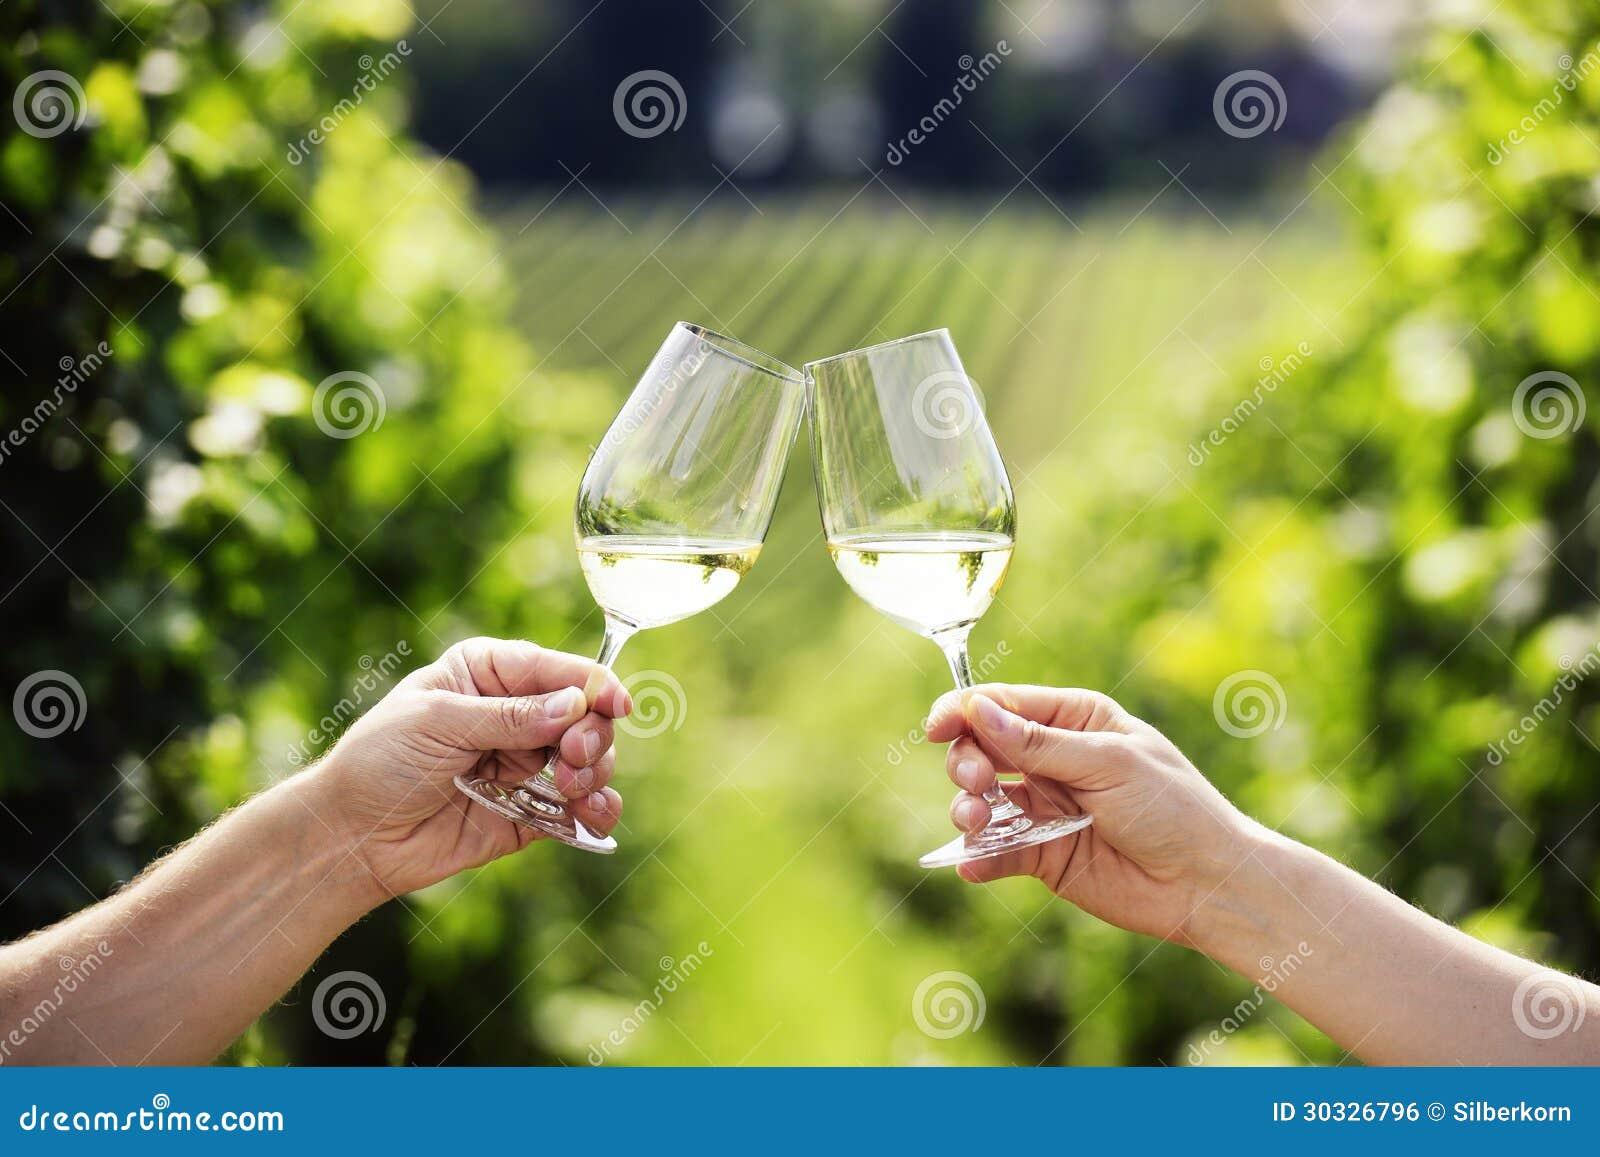 敬酒与二杯白葡萄酒